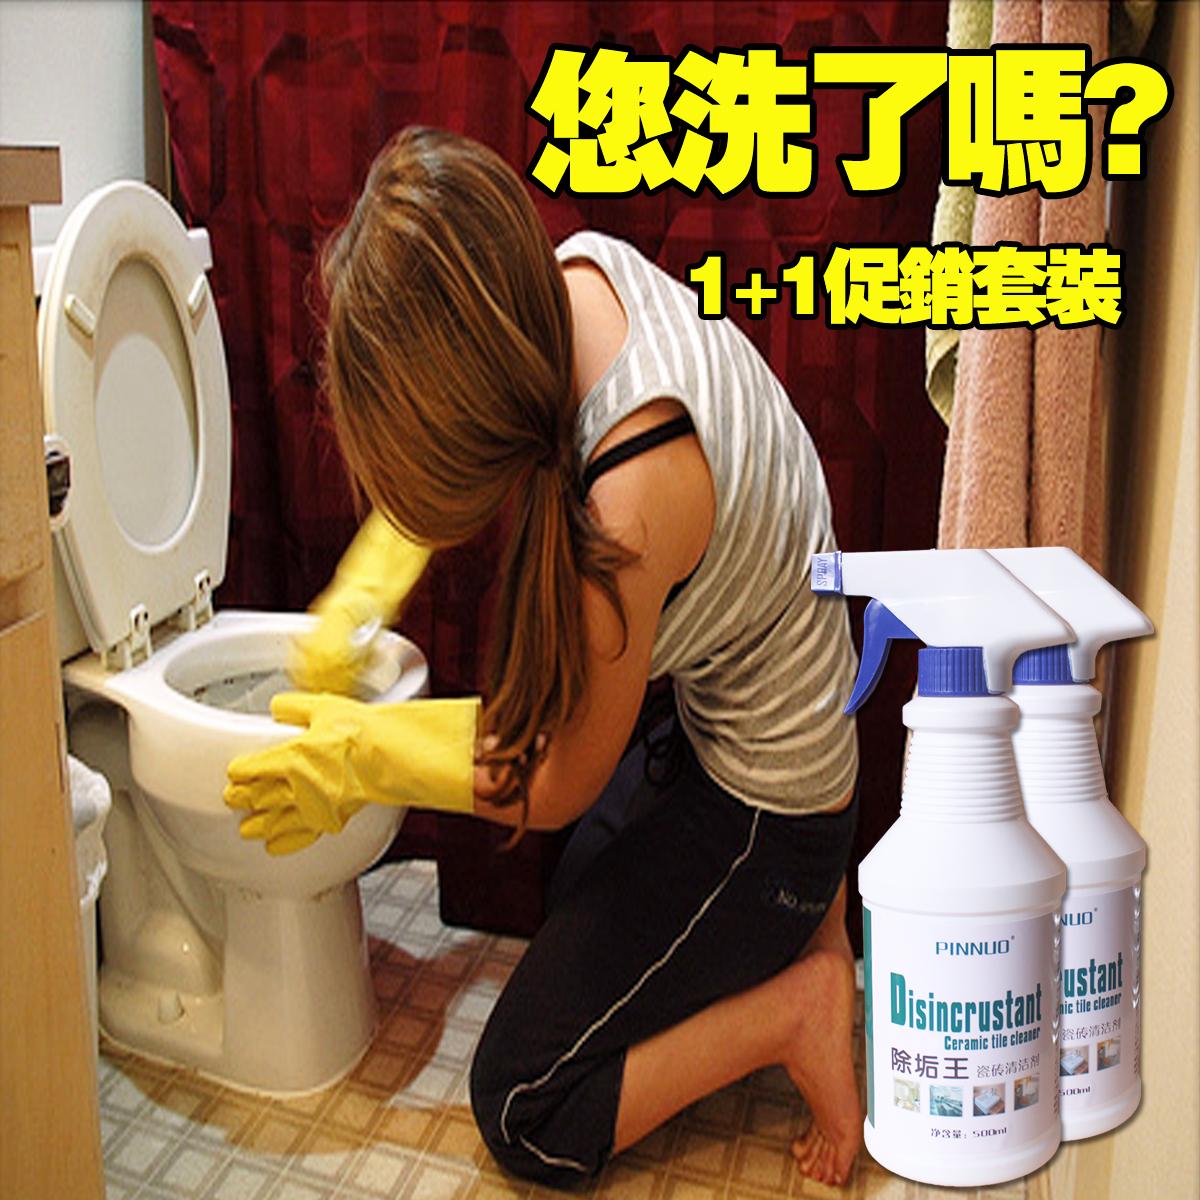 スケーリング王トイレの水錆と汚れは便器の汚れをきれいにします。磁器の水垢掃除剤2017二瓶の洗浄液